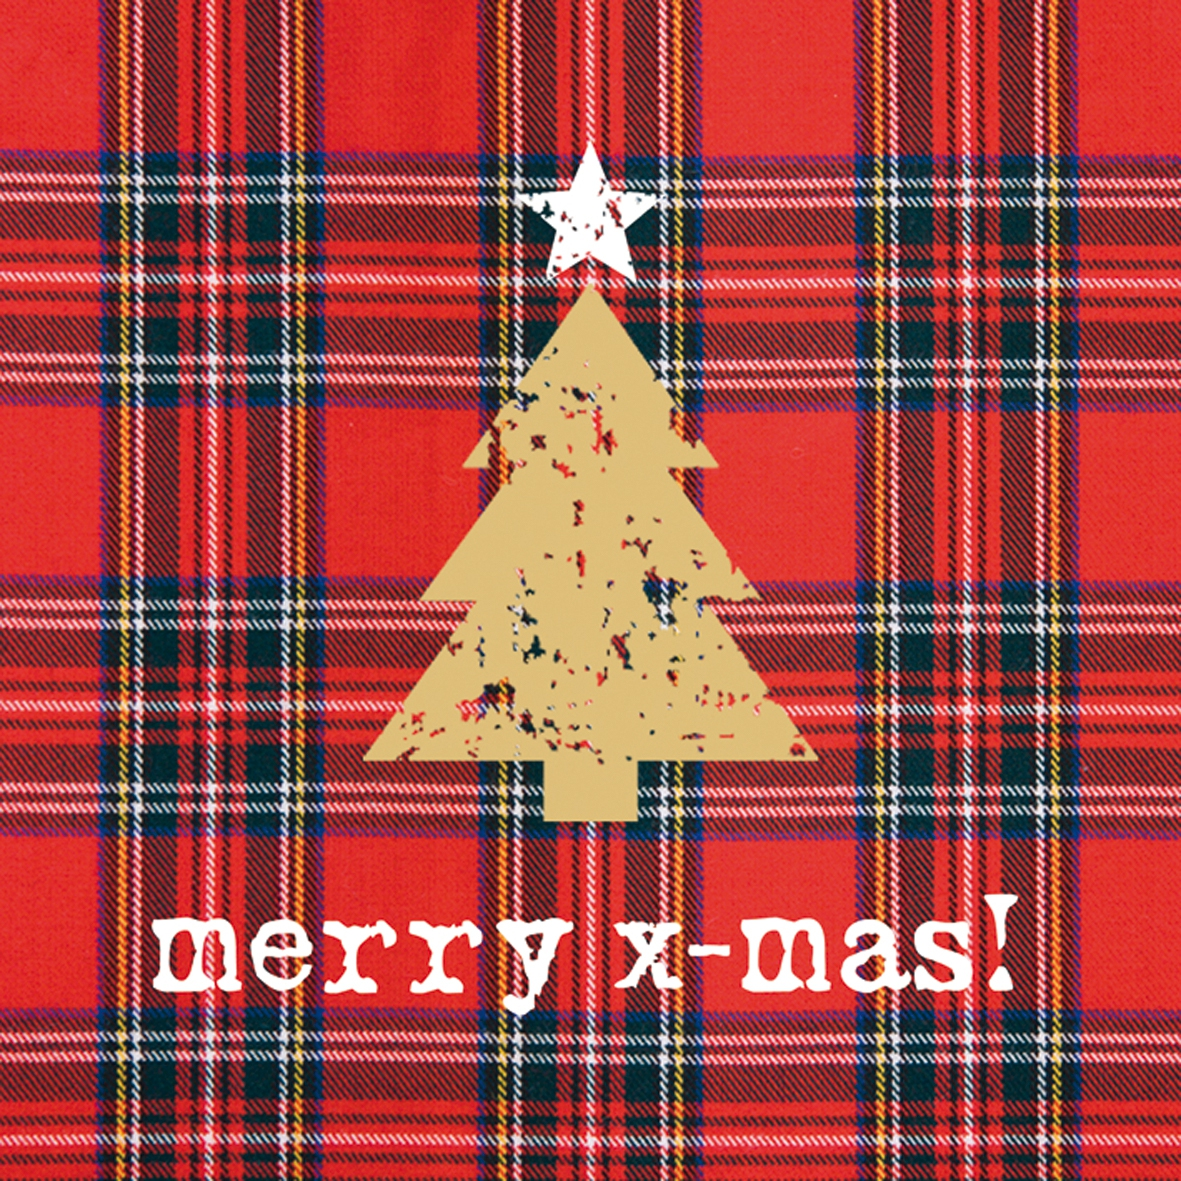 Lunch Servietten Tartan Tree red                 ,  Weihnachten - Weihnachtsbaum,  Weihnachten,  lunchservietten,  Weihnachtsbaum